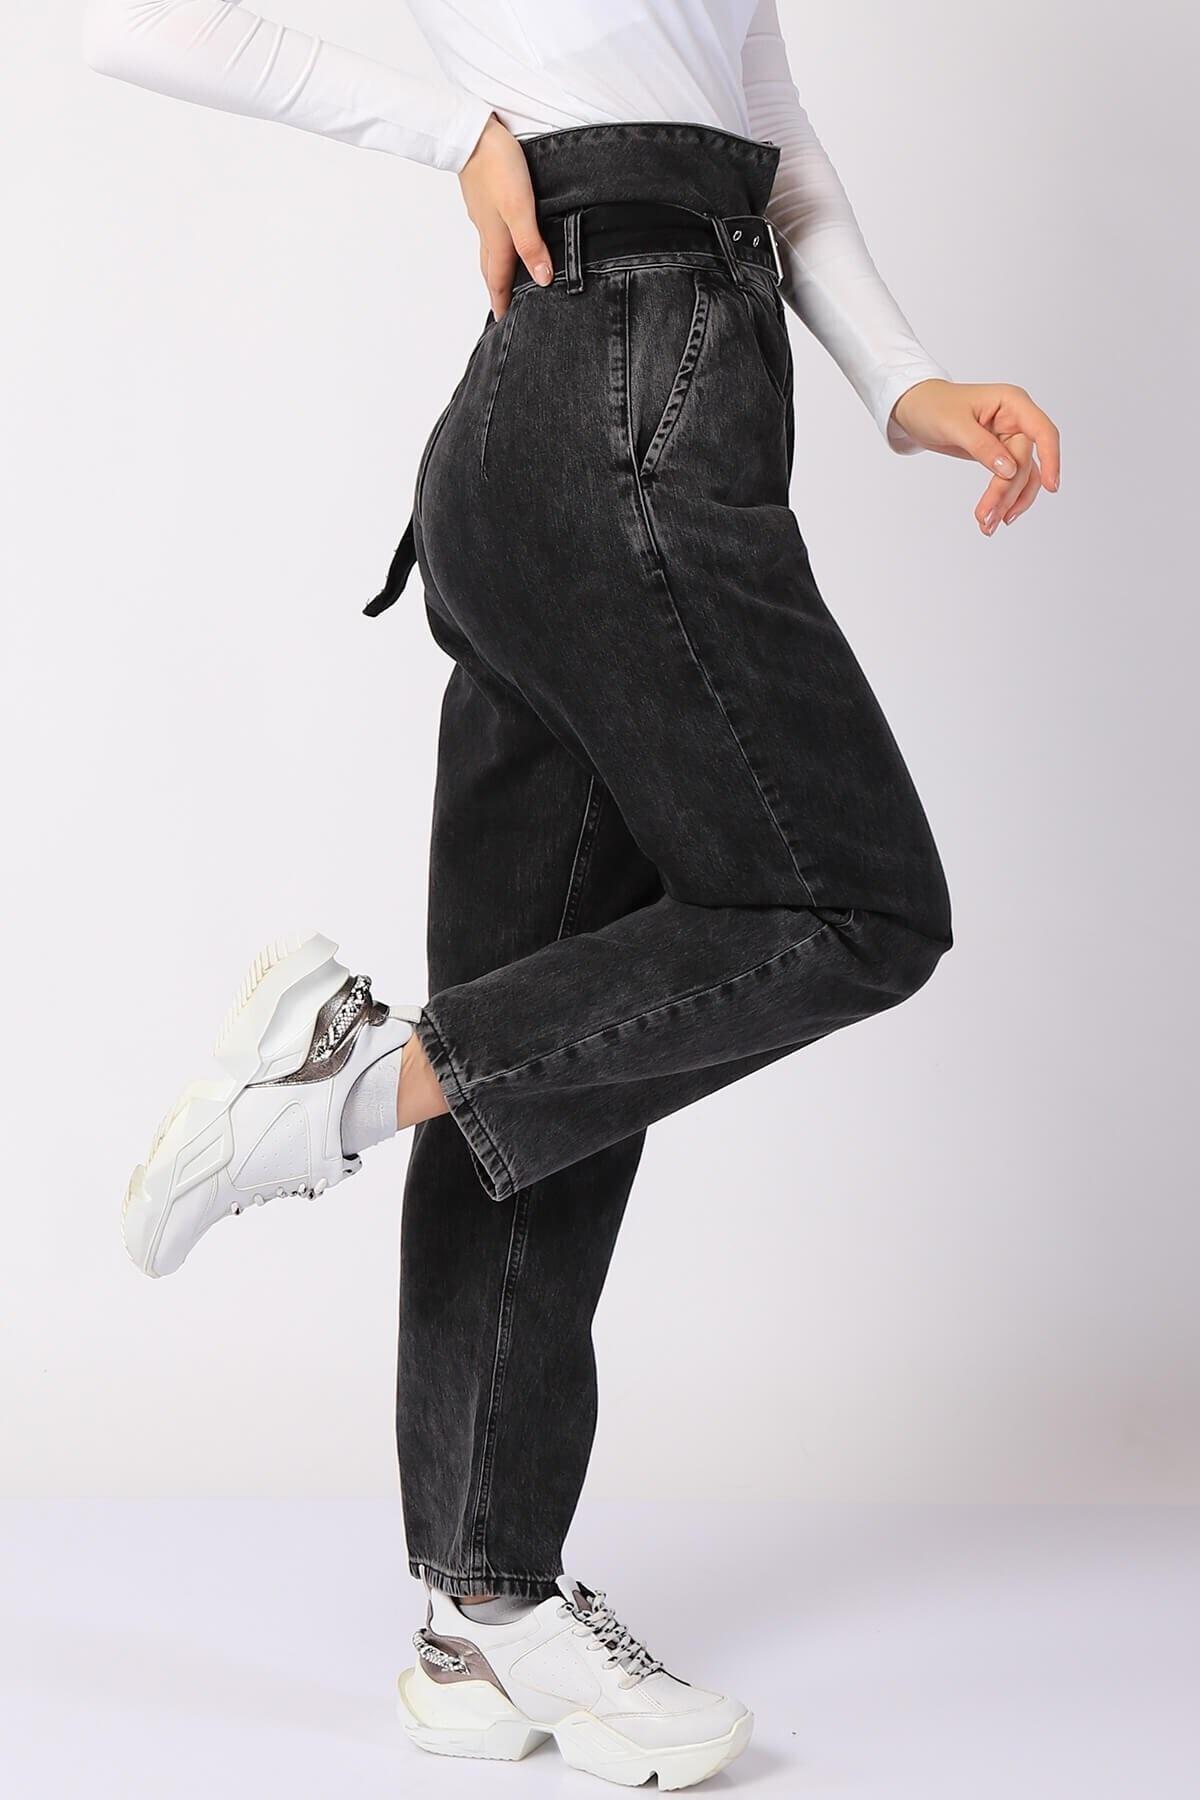 Twister Jeans Kadın Pantolon Bp 9377-02 Sıyah 2